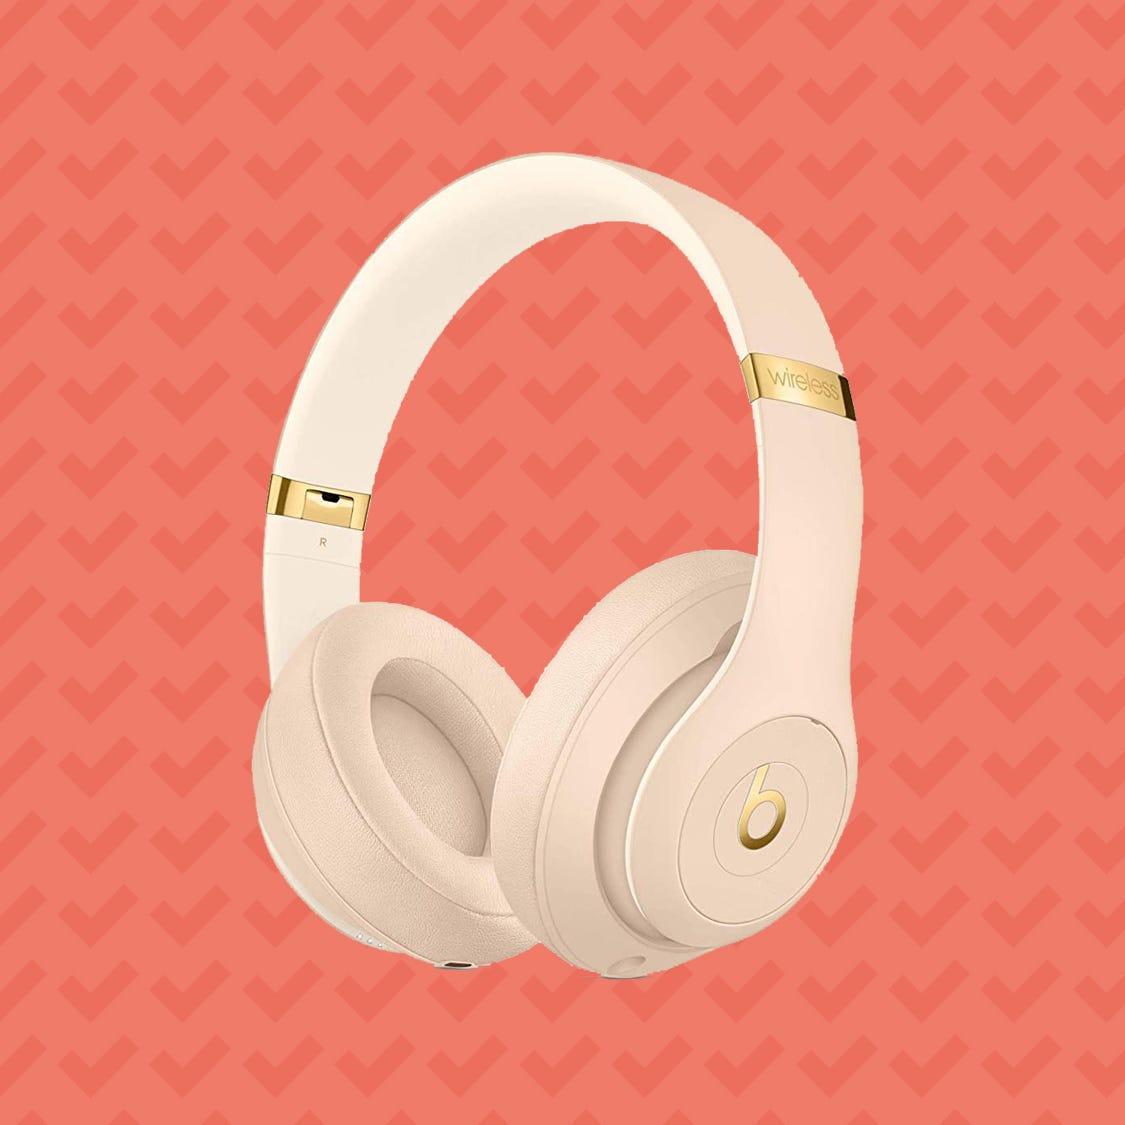 Beats Headphones Get The Wireless Studio3s For 150 Off